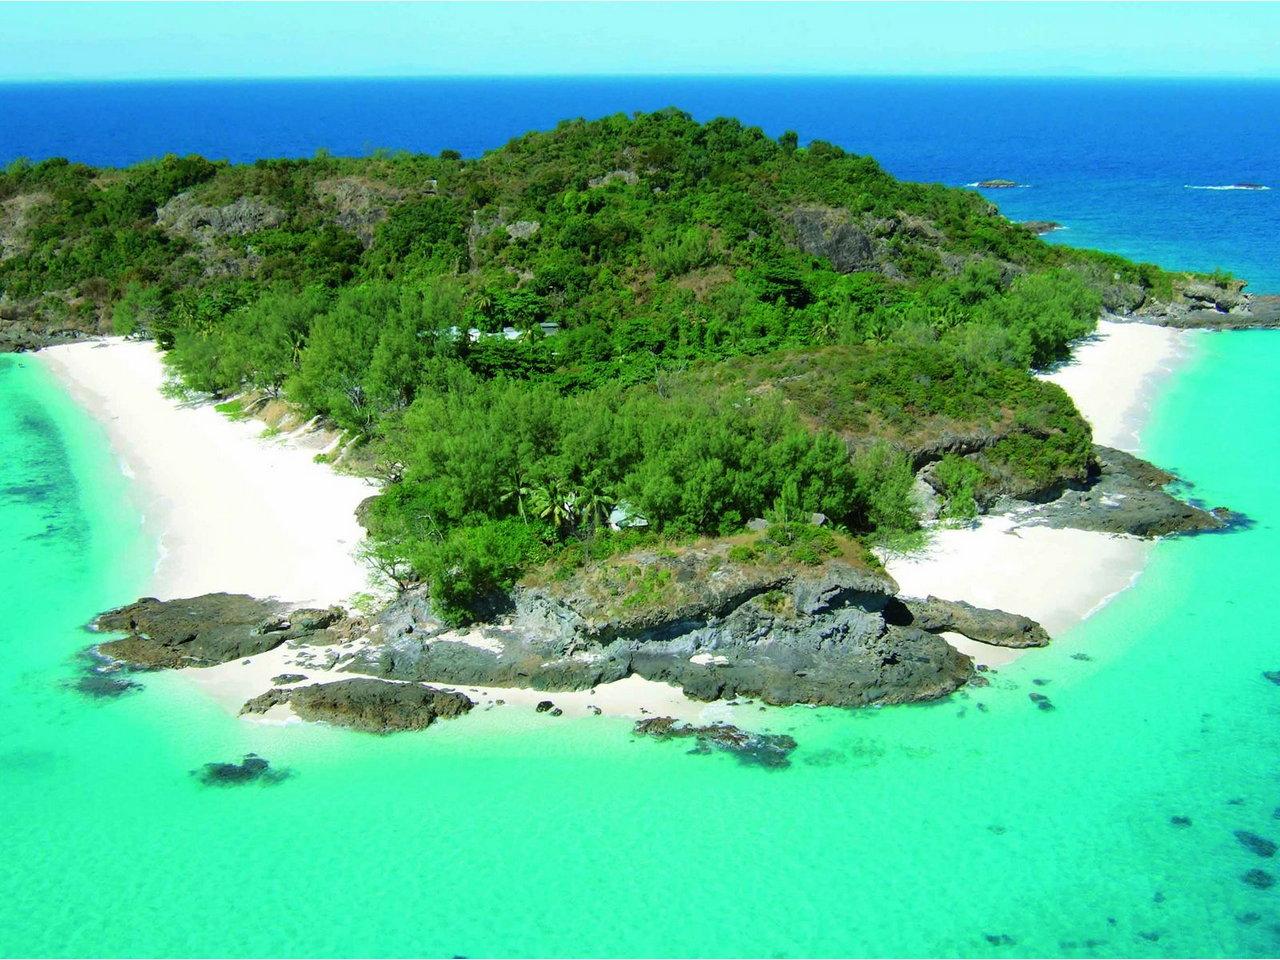 появилось картинки и фотографии острова мадагаскар своему покупала